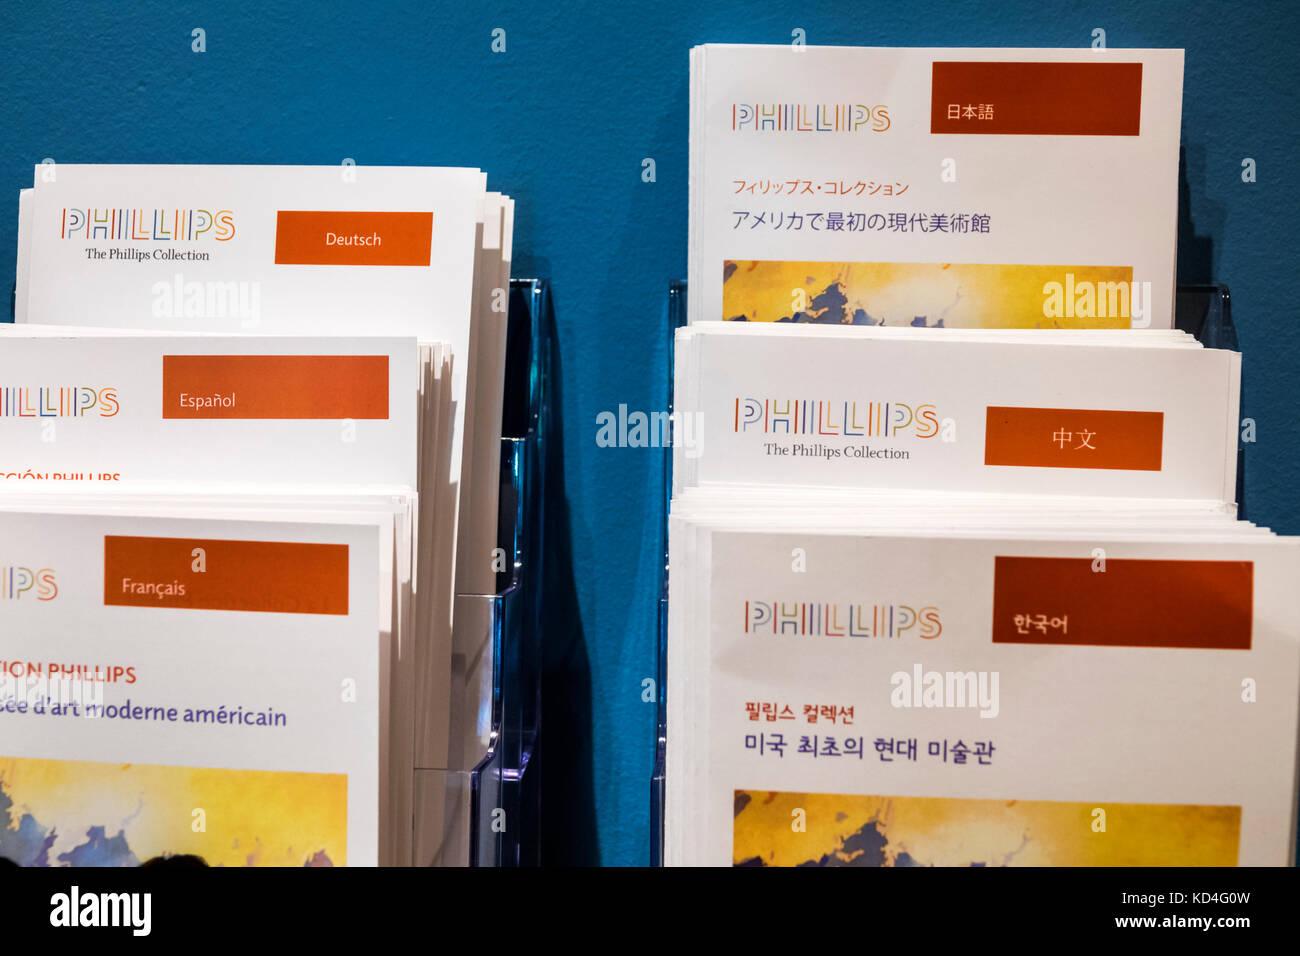 Washington DC District de Columbia Phillips Collection art museum exhibit guide affichage brochure Langues Espagnol Photo Stock